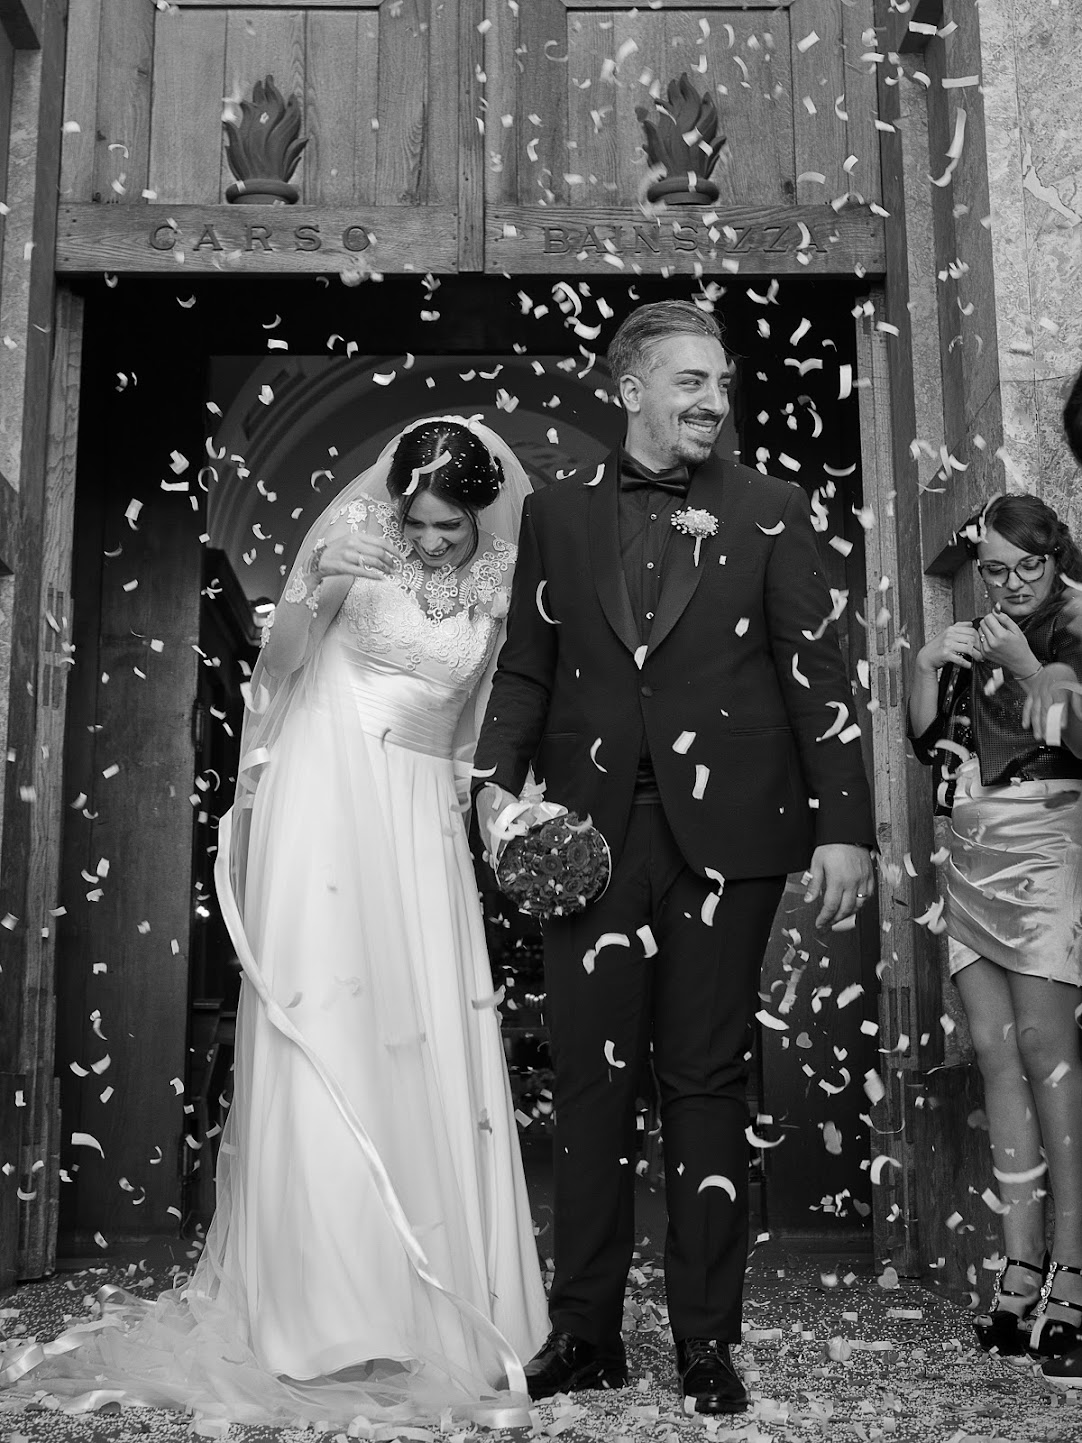 Fotografi A Reggio Calabria aldo fiorenza (fiorenza), fotografo di matrimoni da reggio